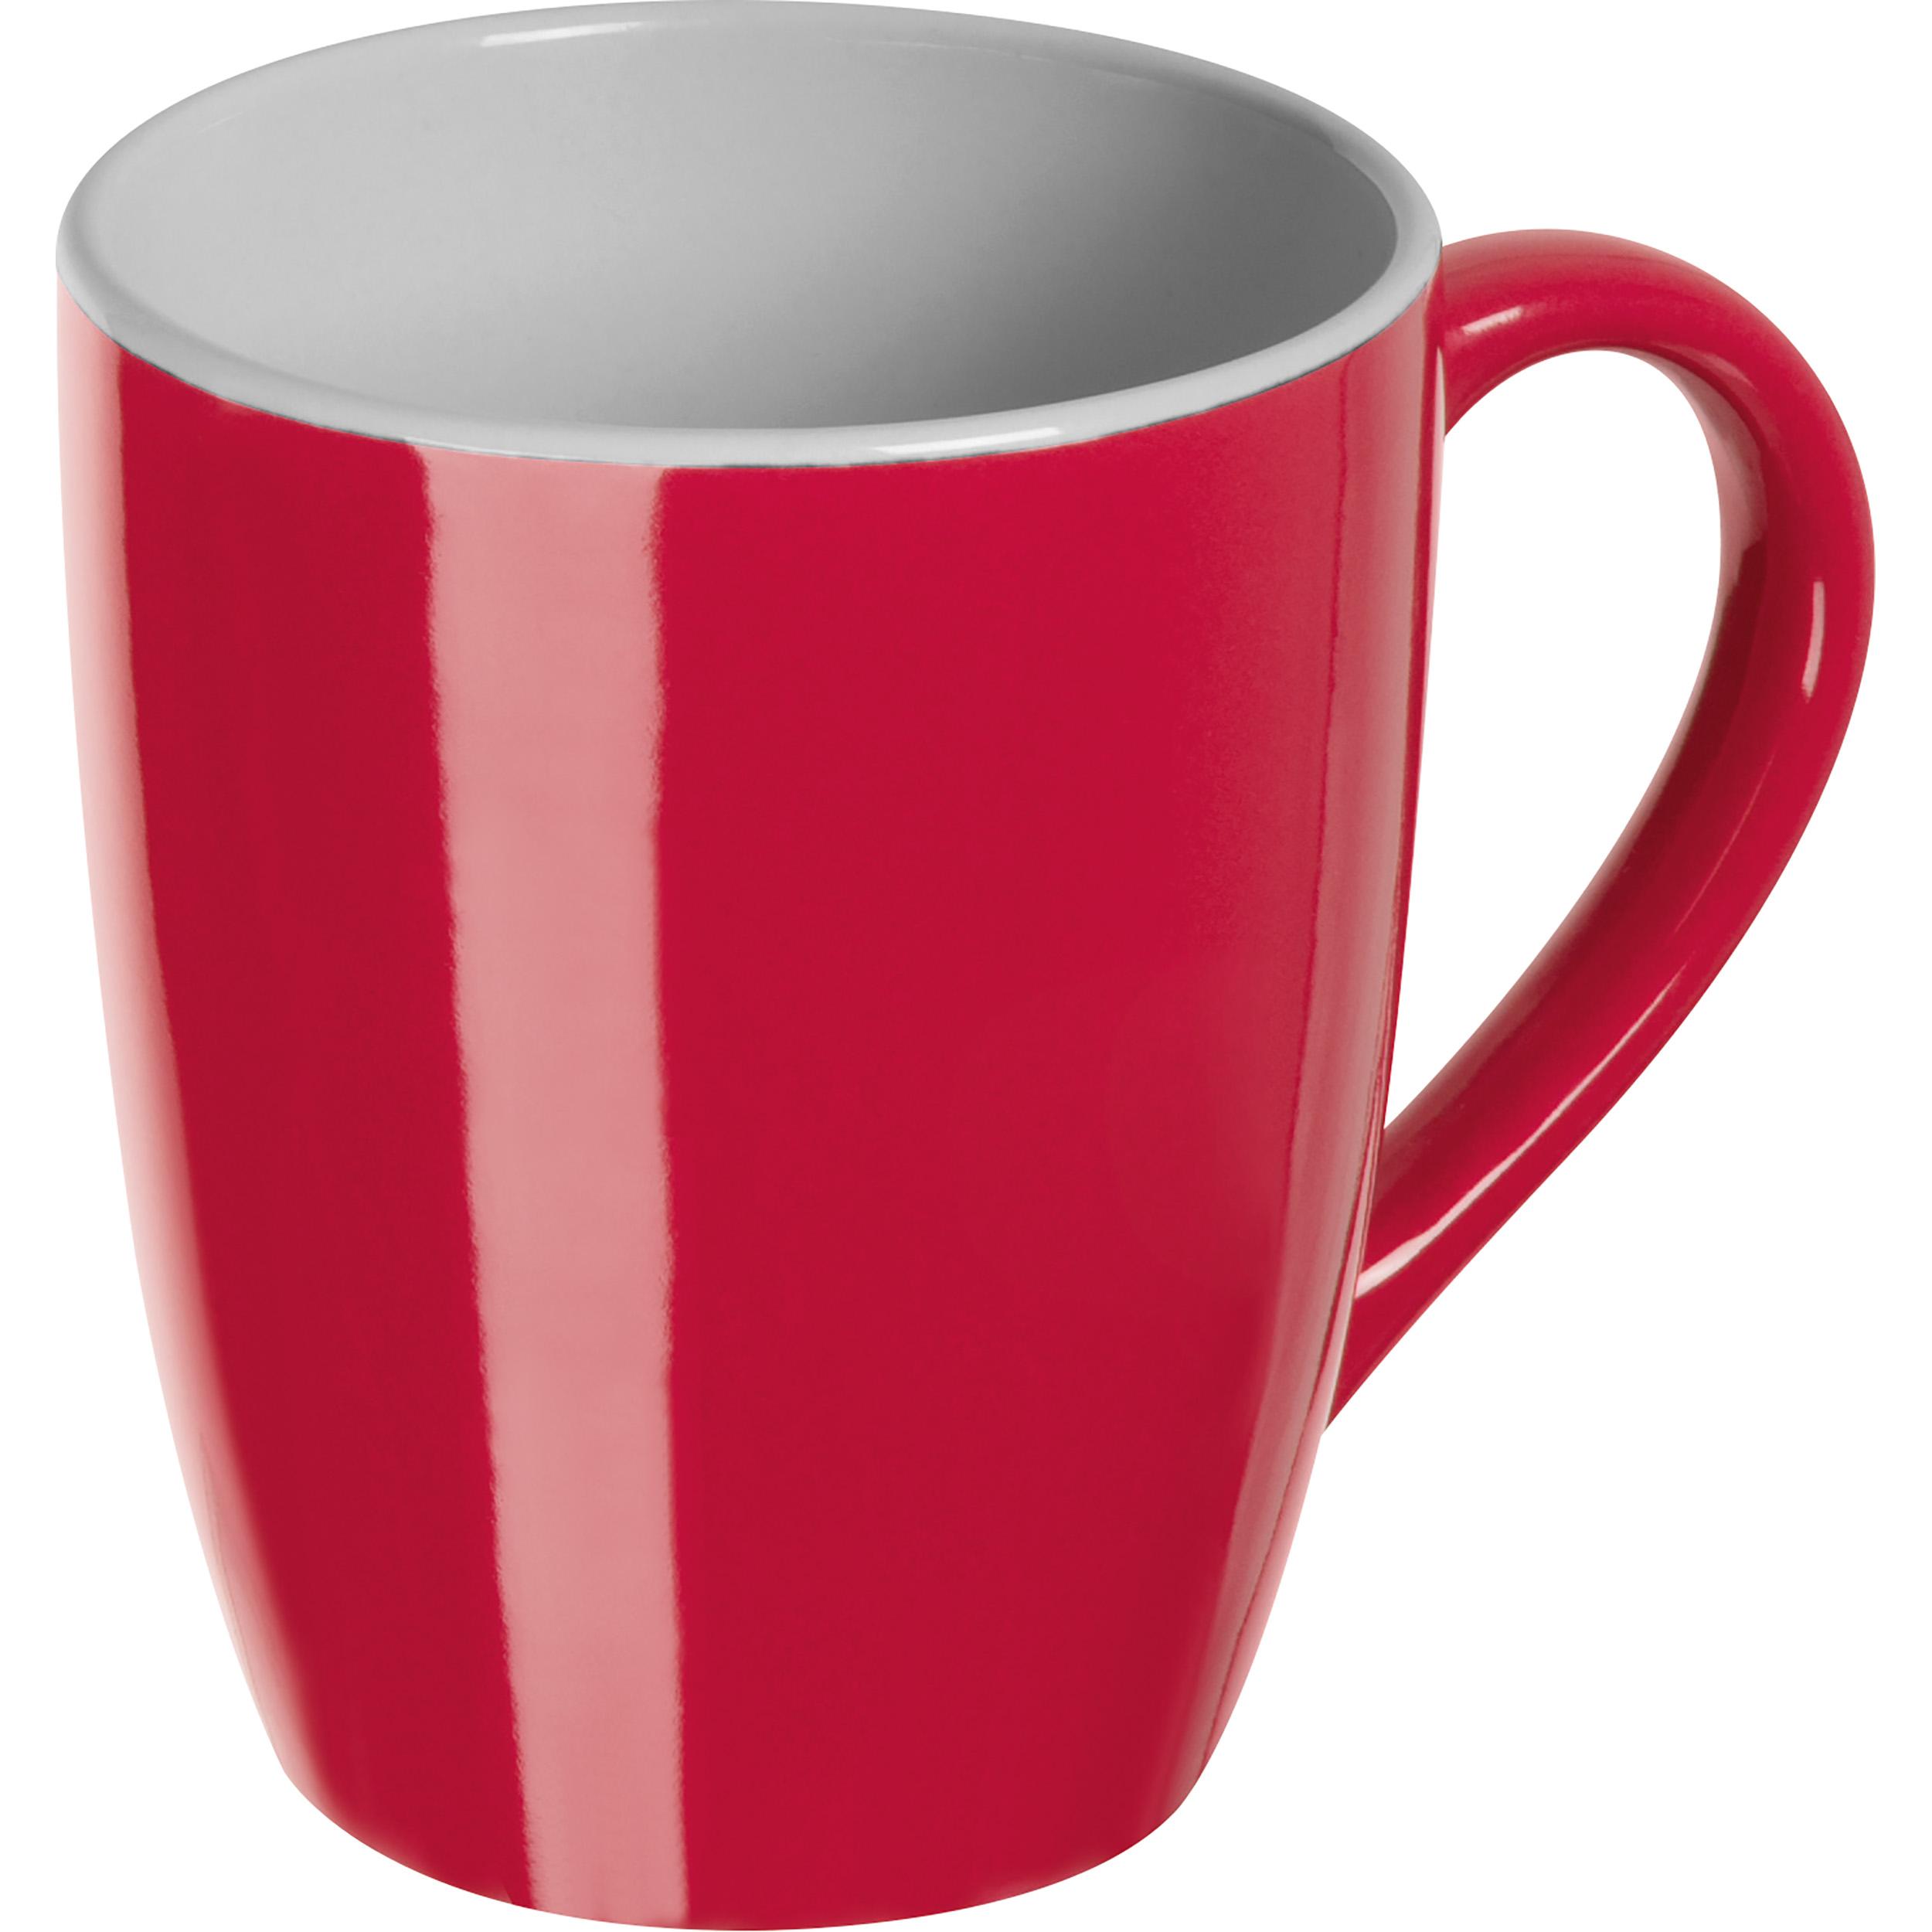 Colored ceramic cup